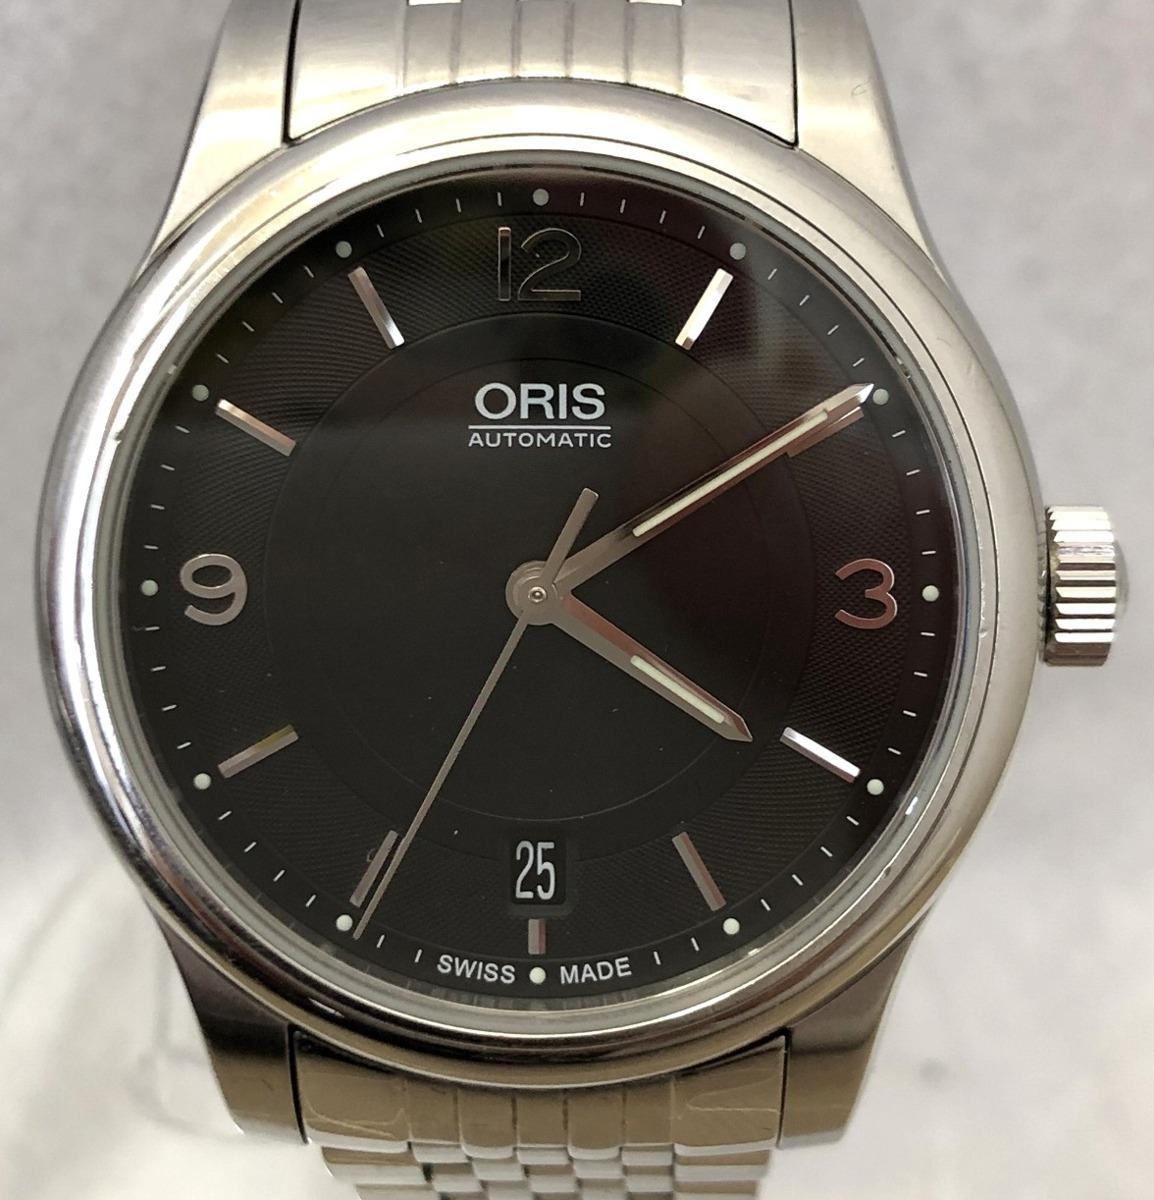 定価15.3万円 美品 ORIS オリス クラシックデイト 自動巻き 腕時計 733 7578 4034M 裏スケ 黒文字盤 メンズ 質屋の質セブン_画像2